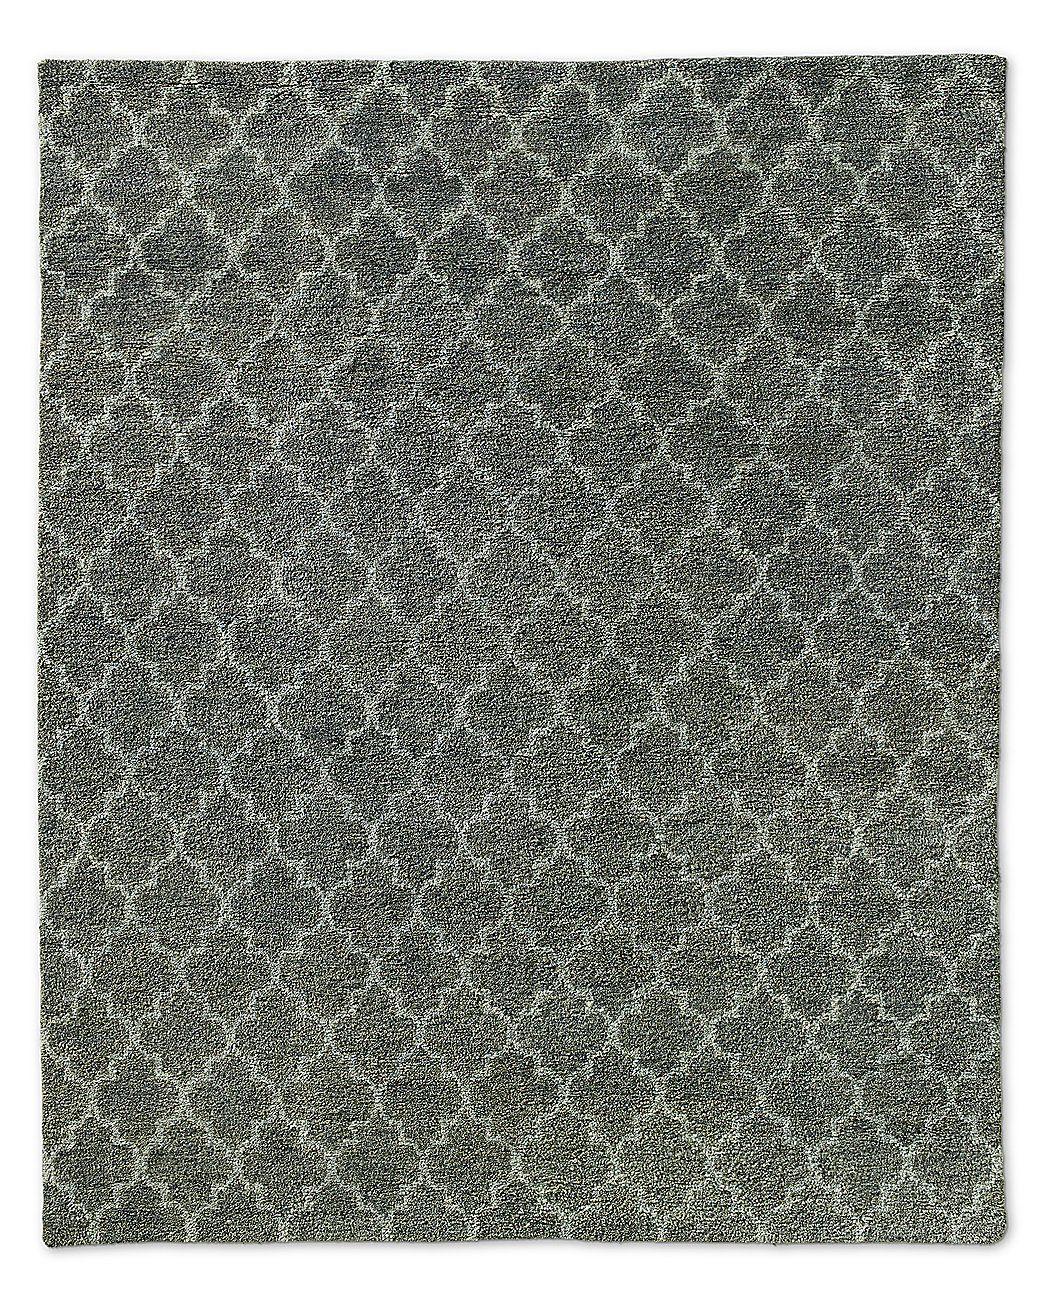 Rug Charcoal Rugs Textured Yarn